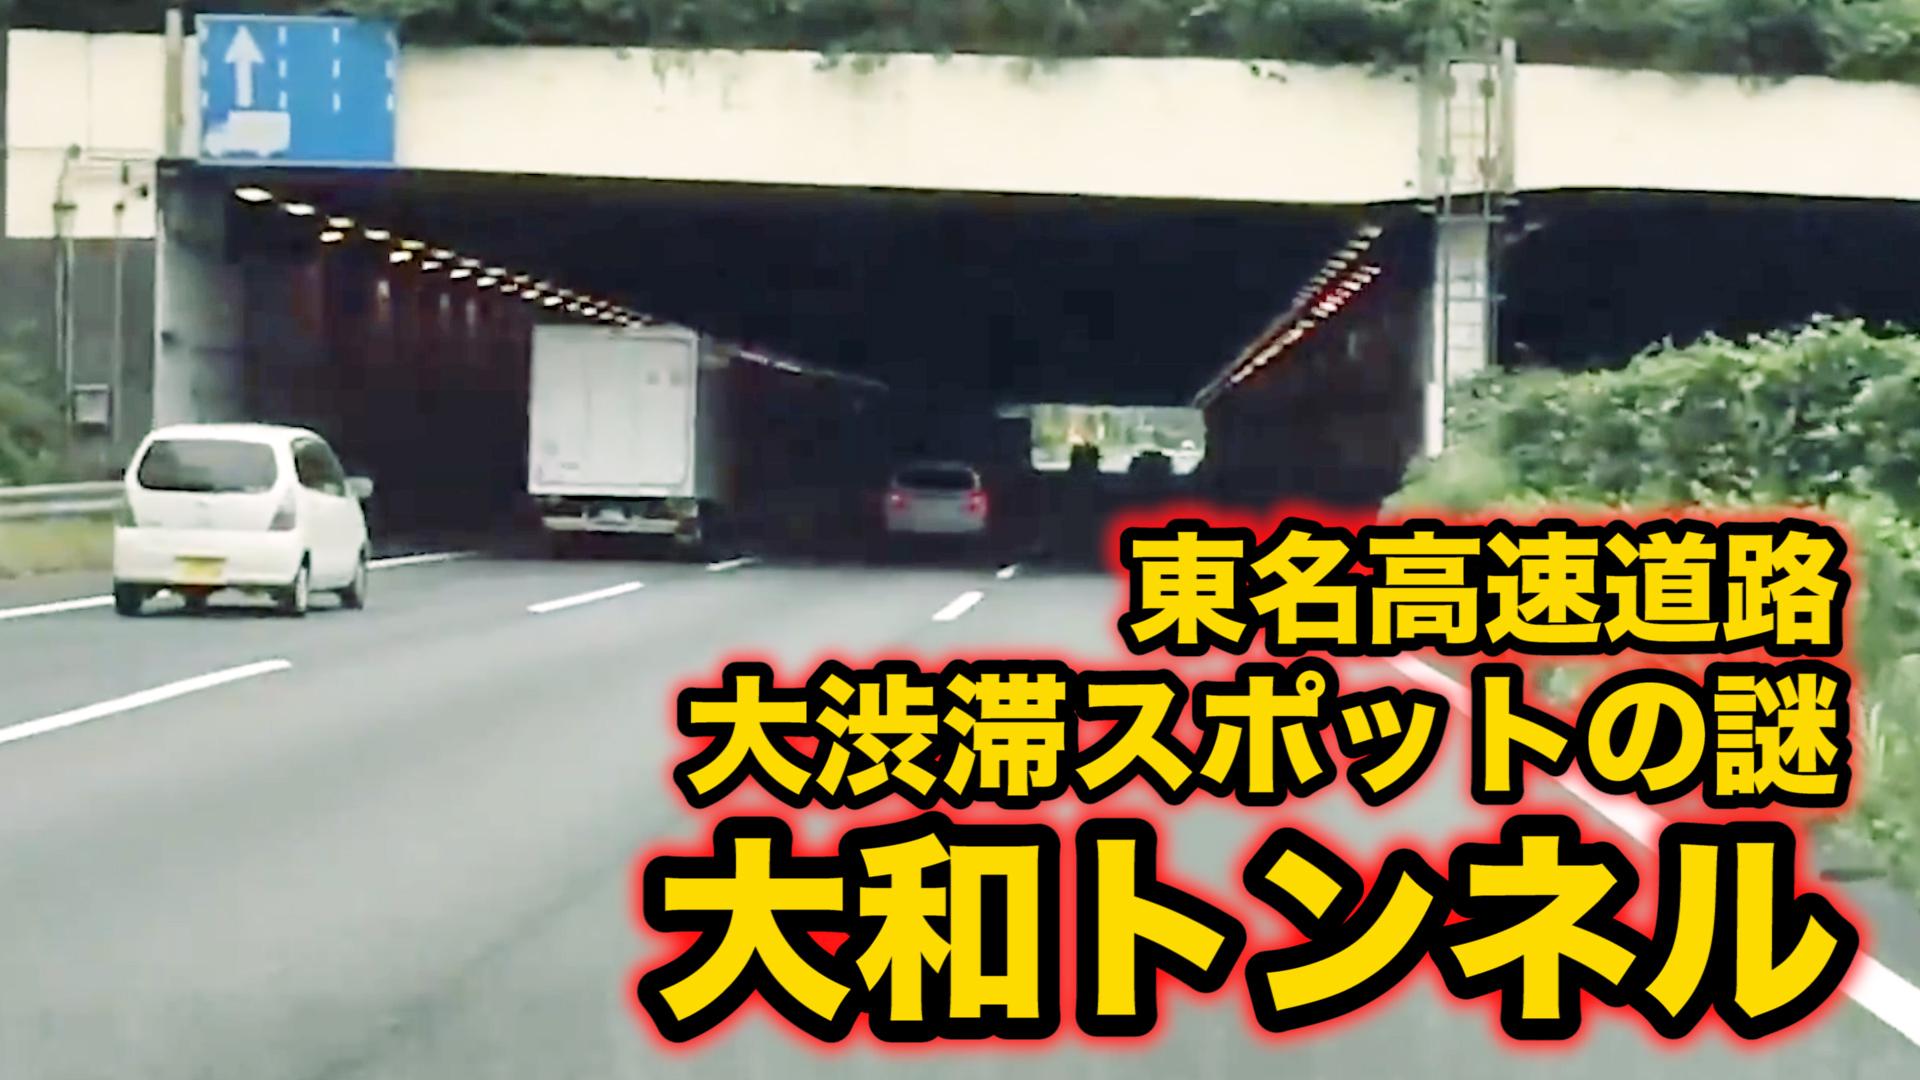 大和トンネル 東名高速道路 渋滞ポイント 渋滞 スポット 上り線